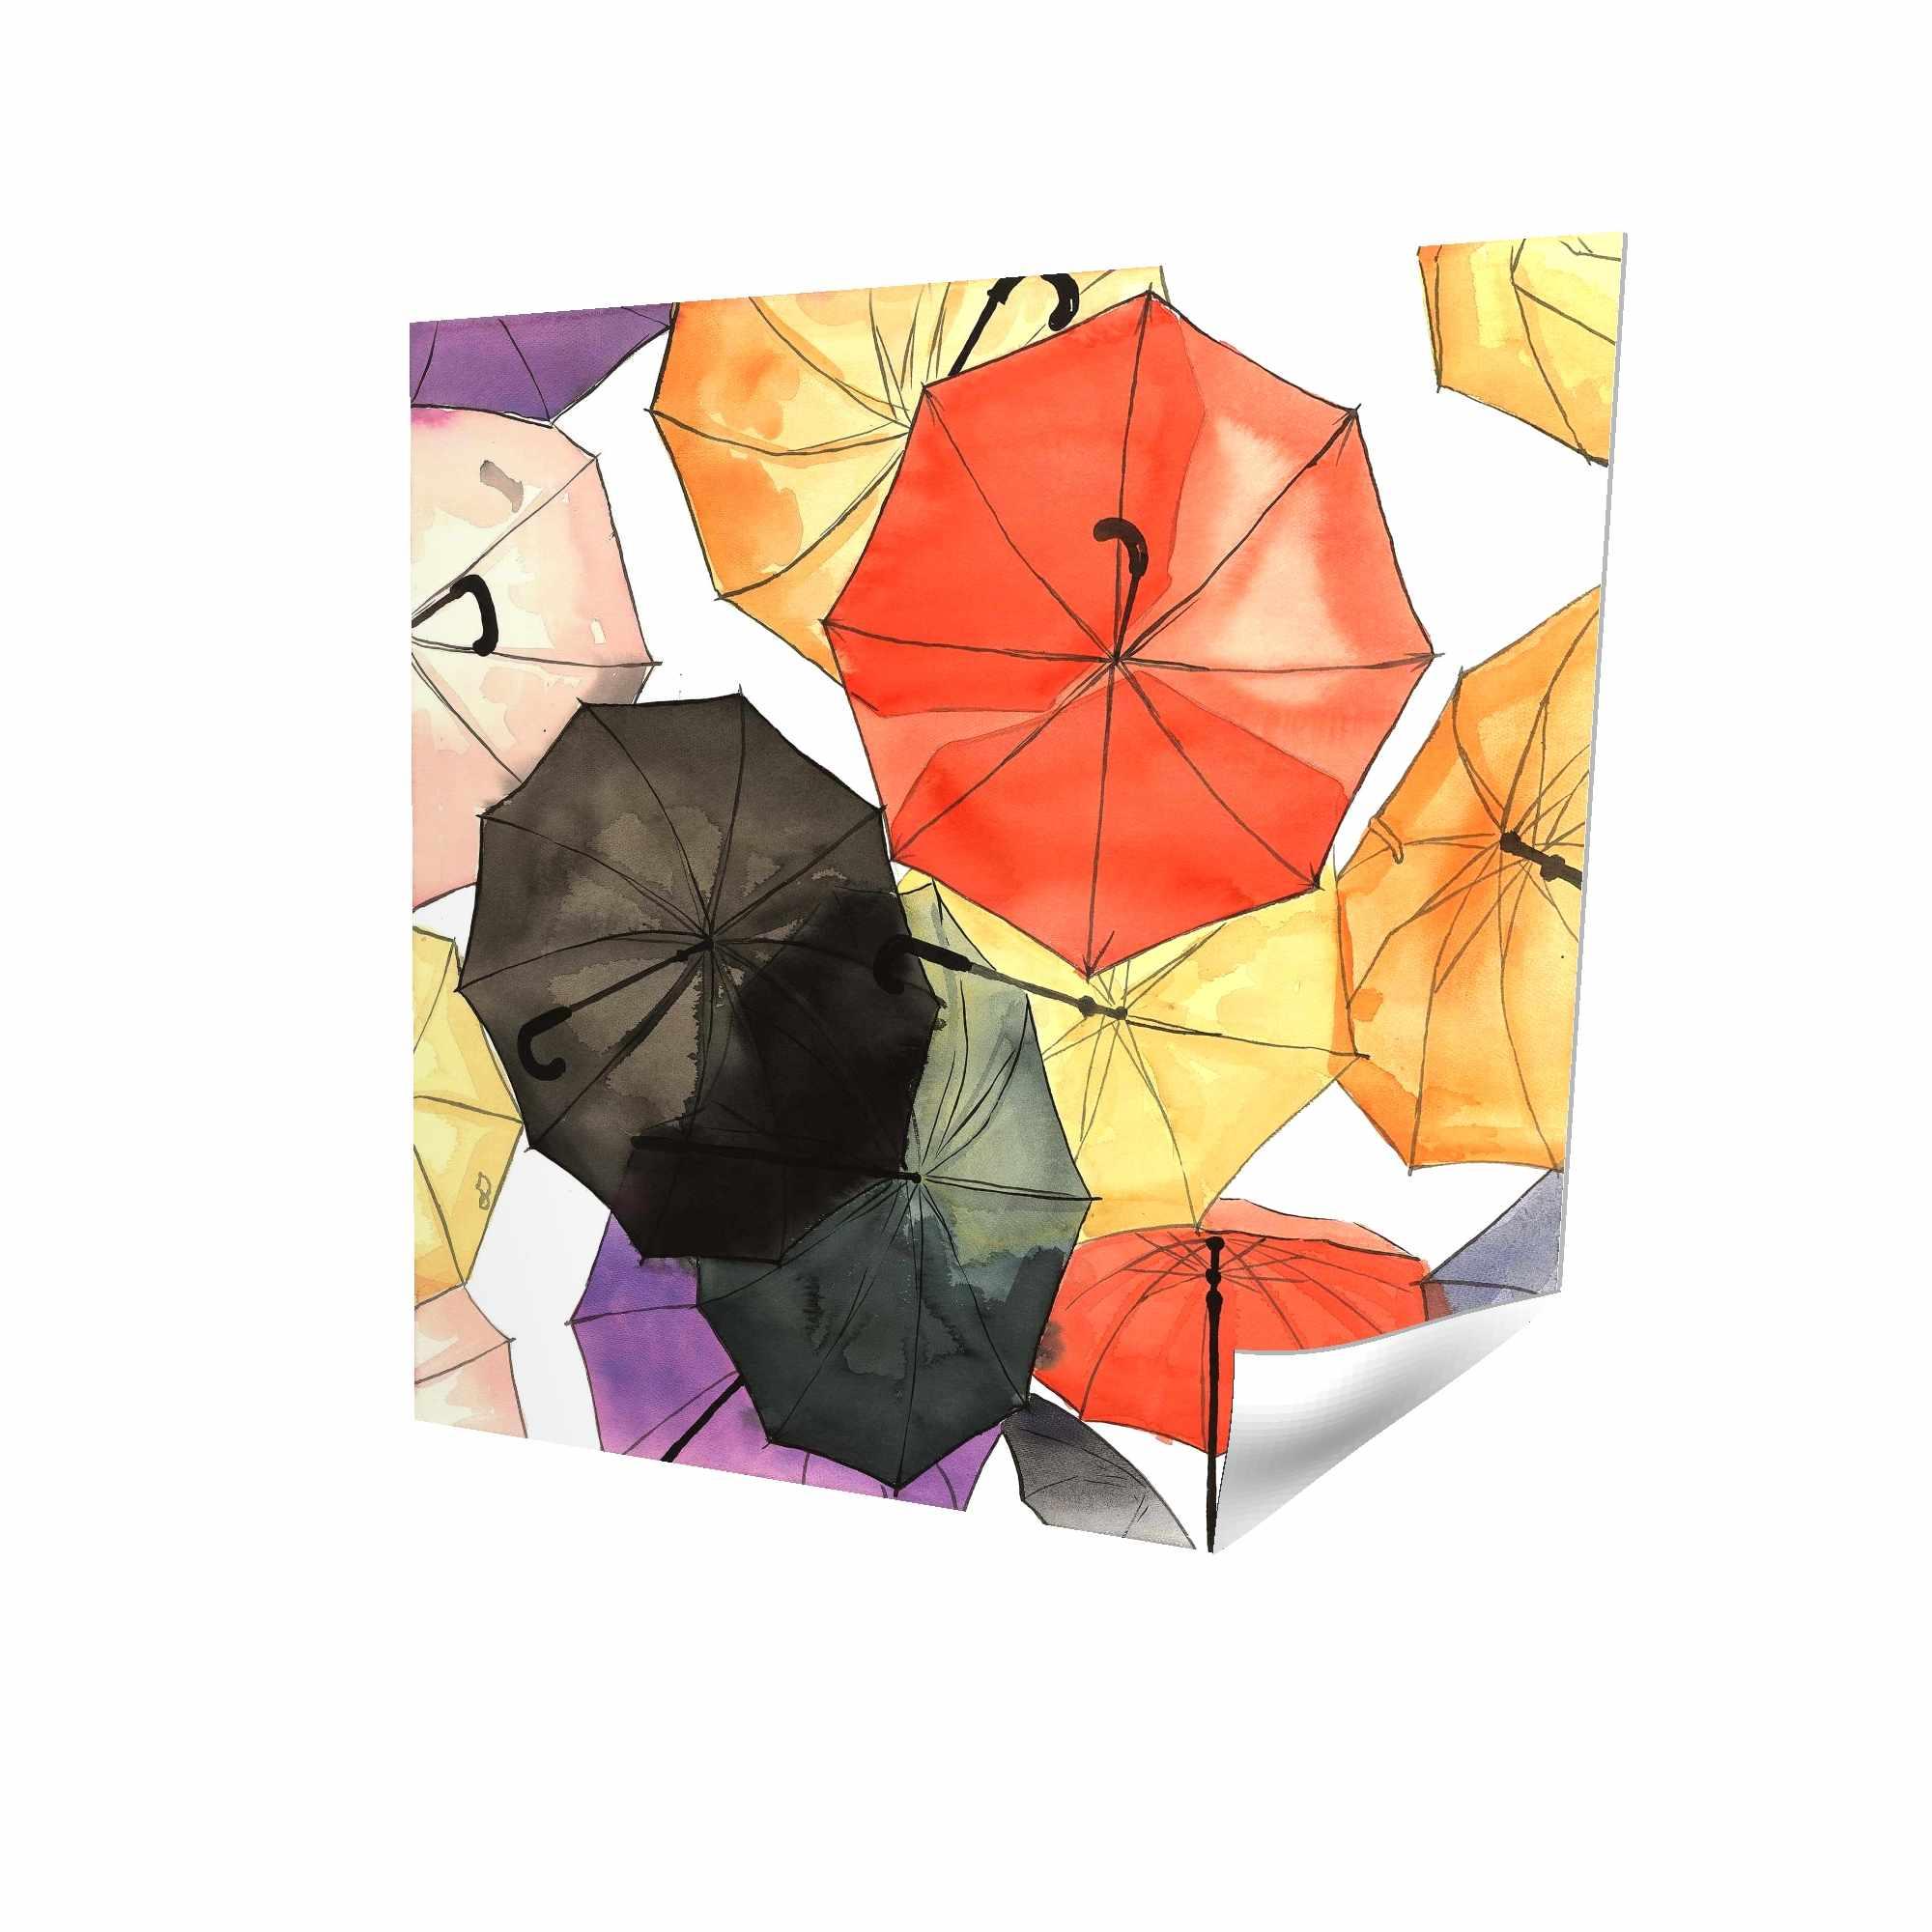 Suspended umbrellas